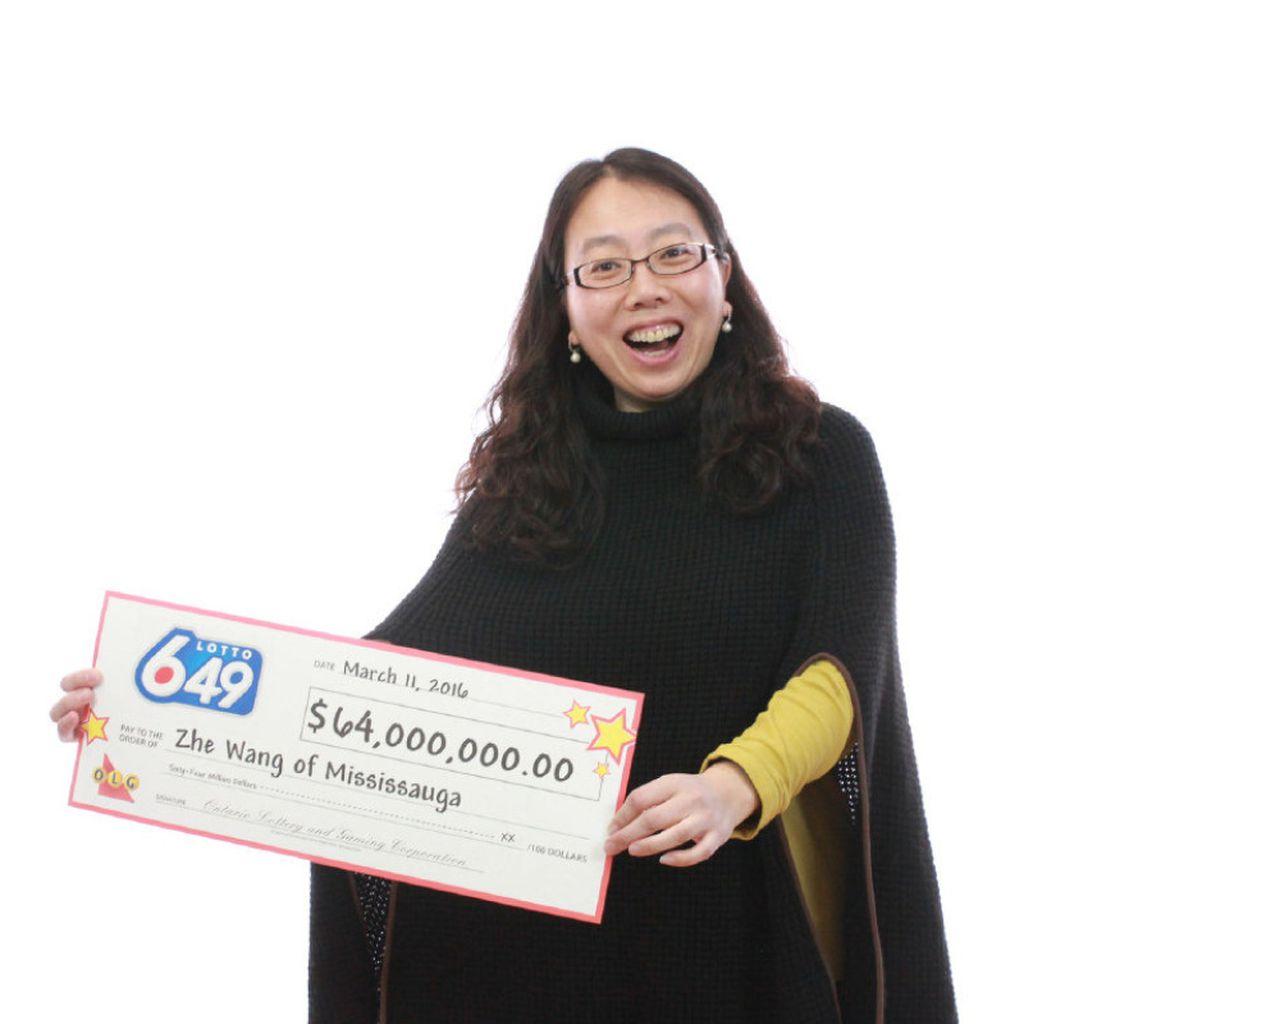 这几个号码容易中奖!华裔女赢加拿大史上最高彩票奖6400万